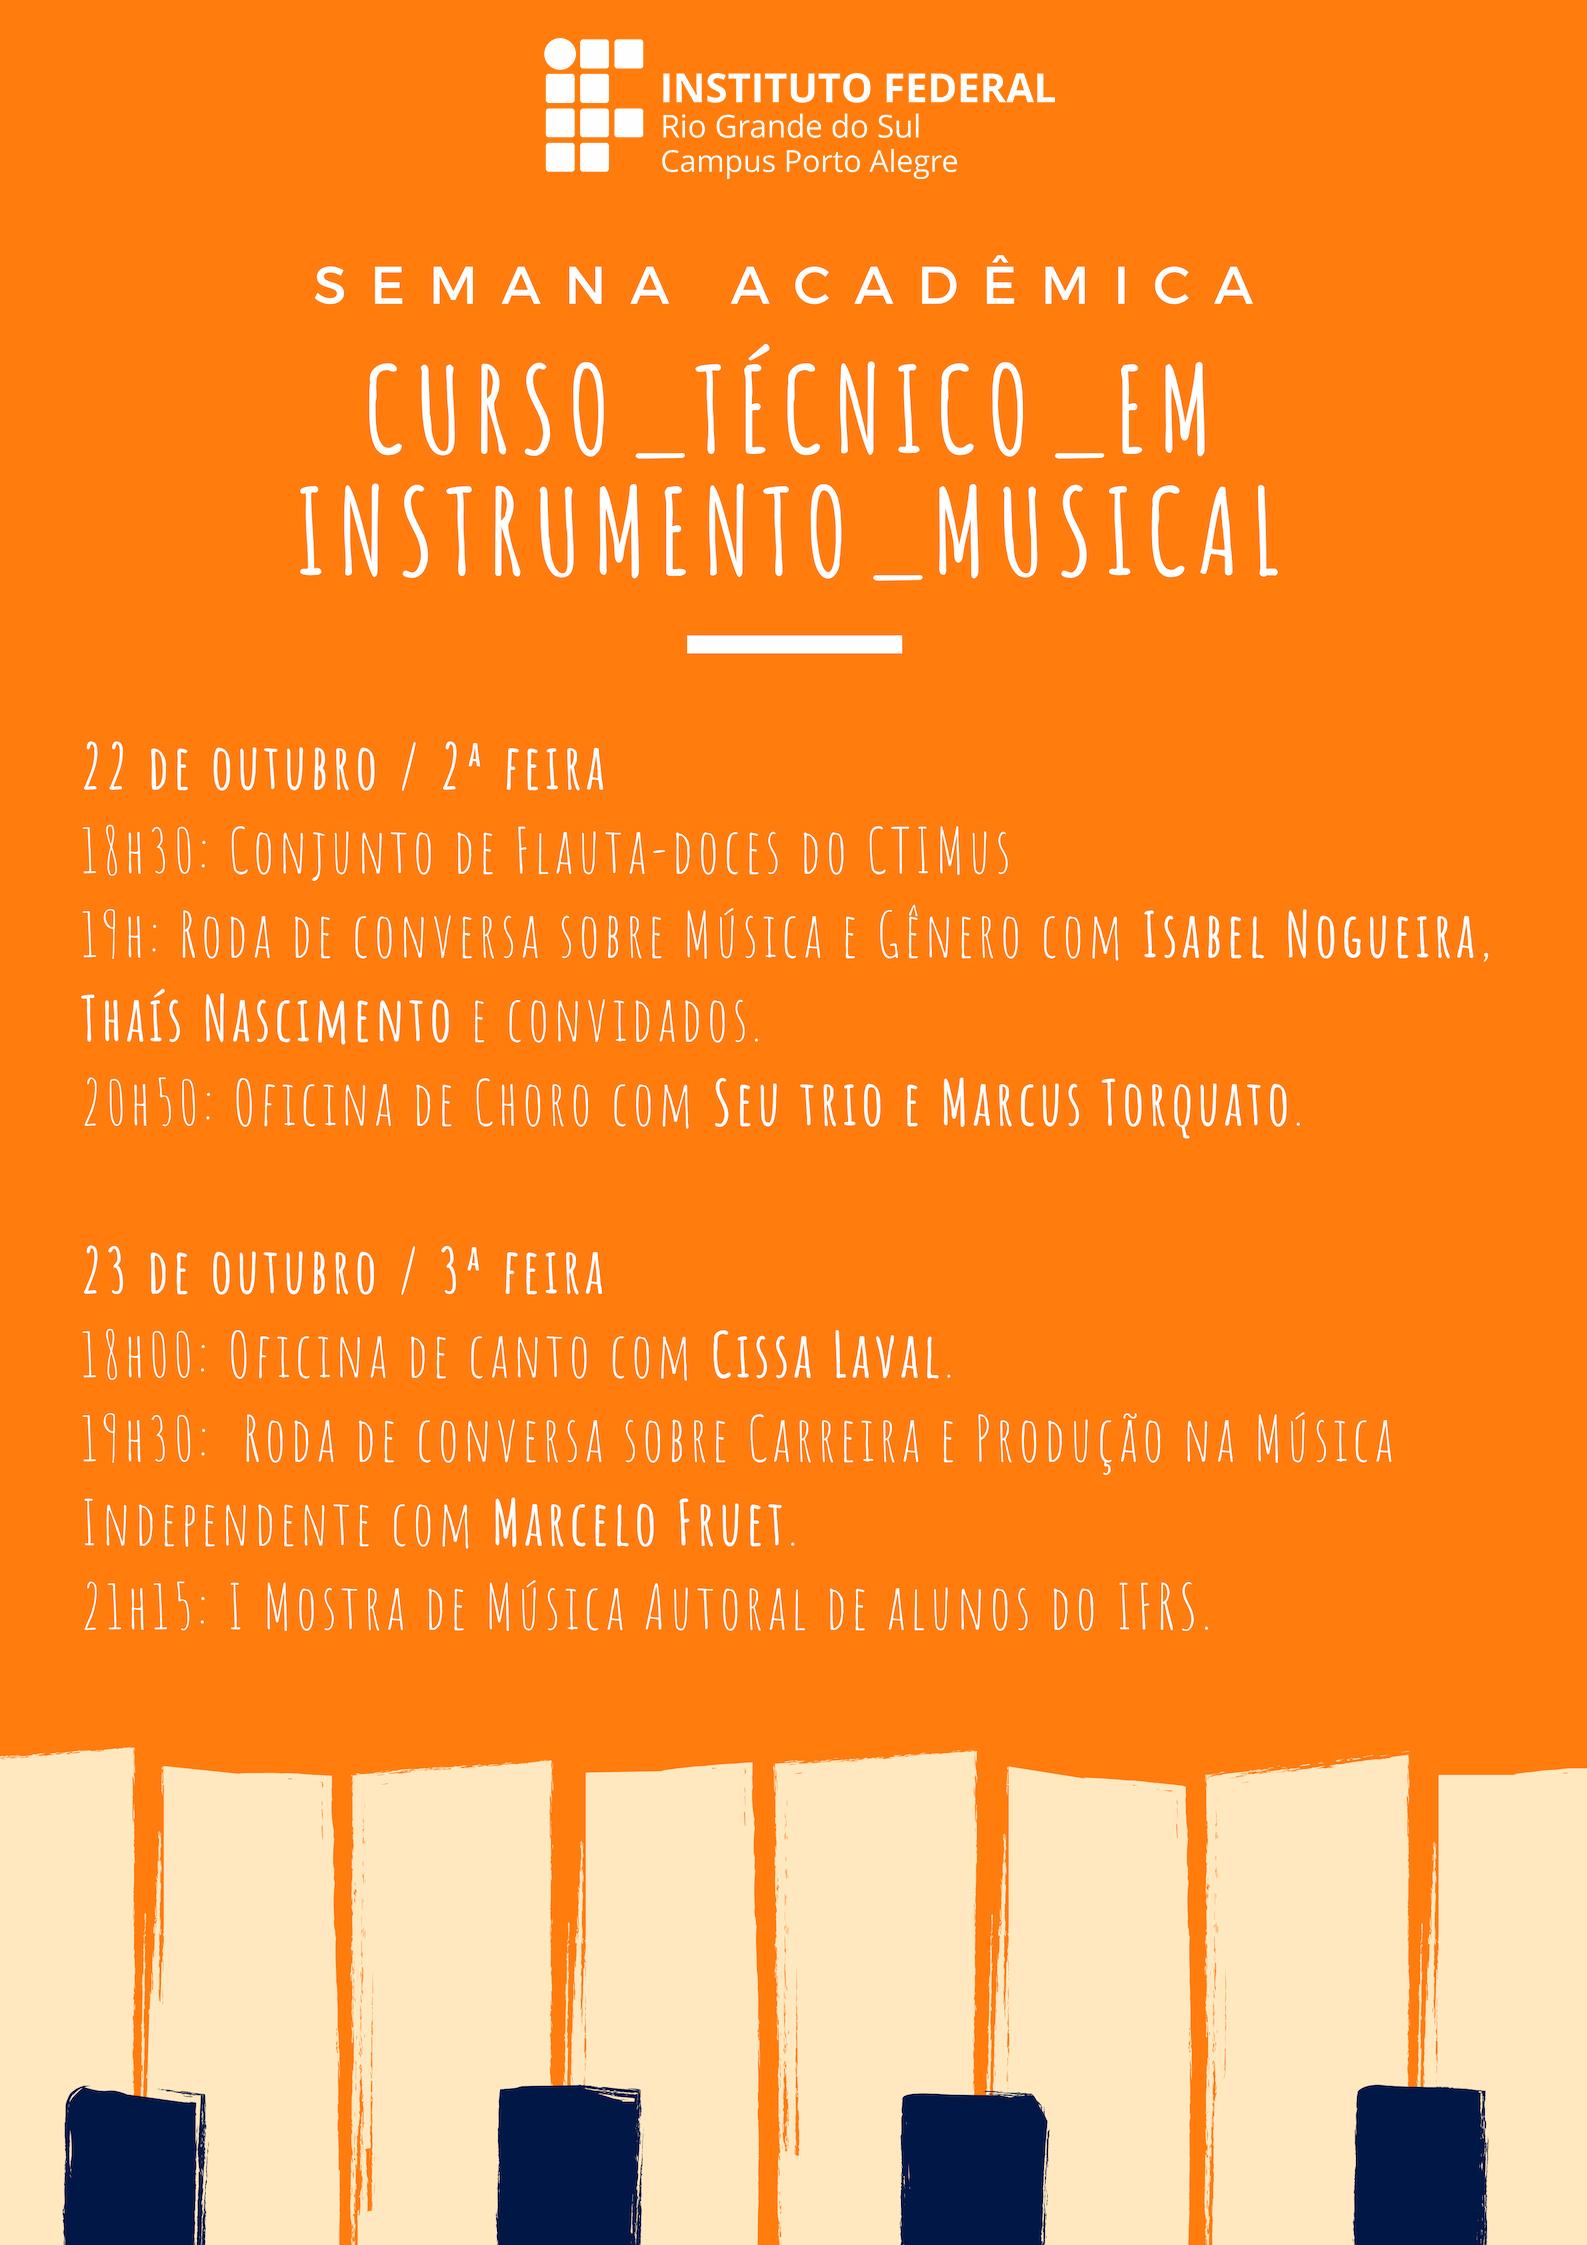 notícias principais ifrs campus porto alegresemana acadêmica do curso técnico em instrumento musical acontece dias 22 e 23 10